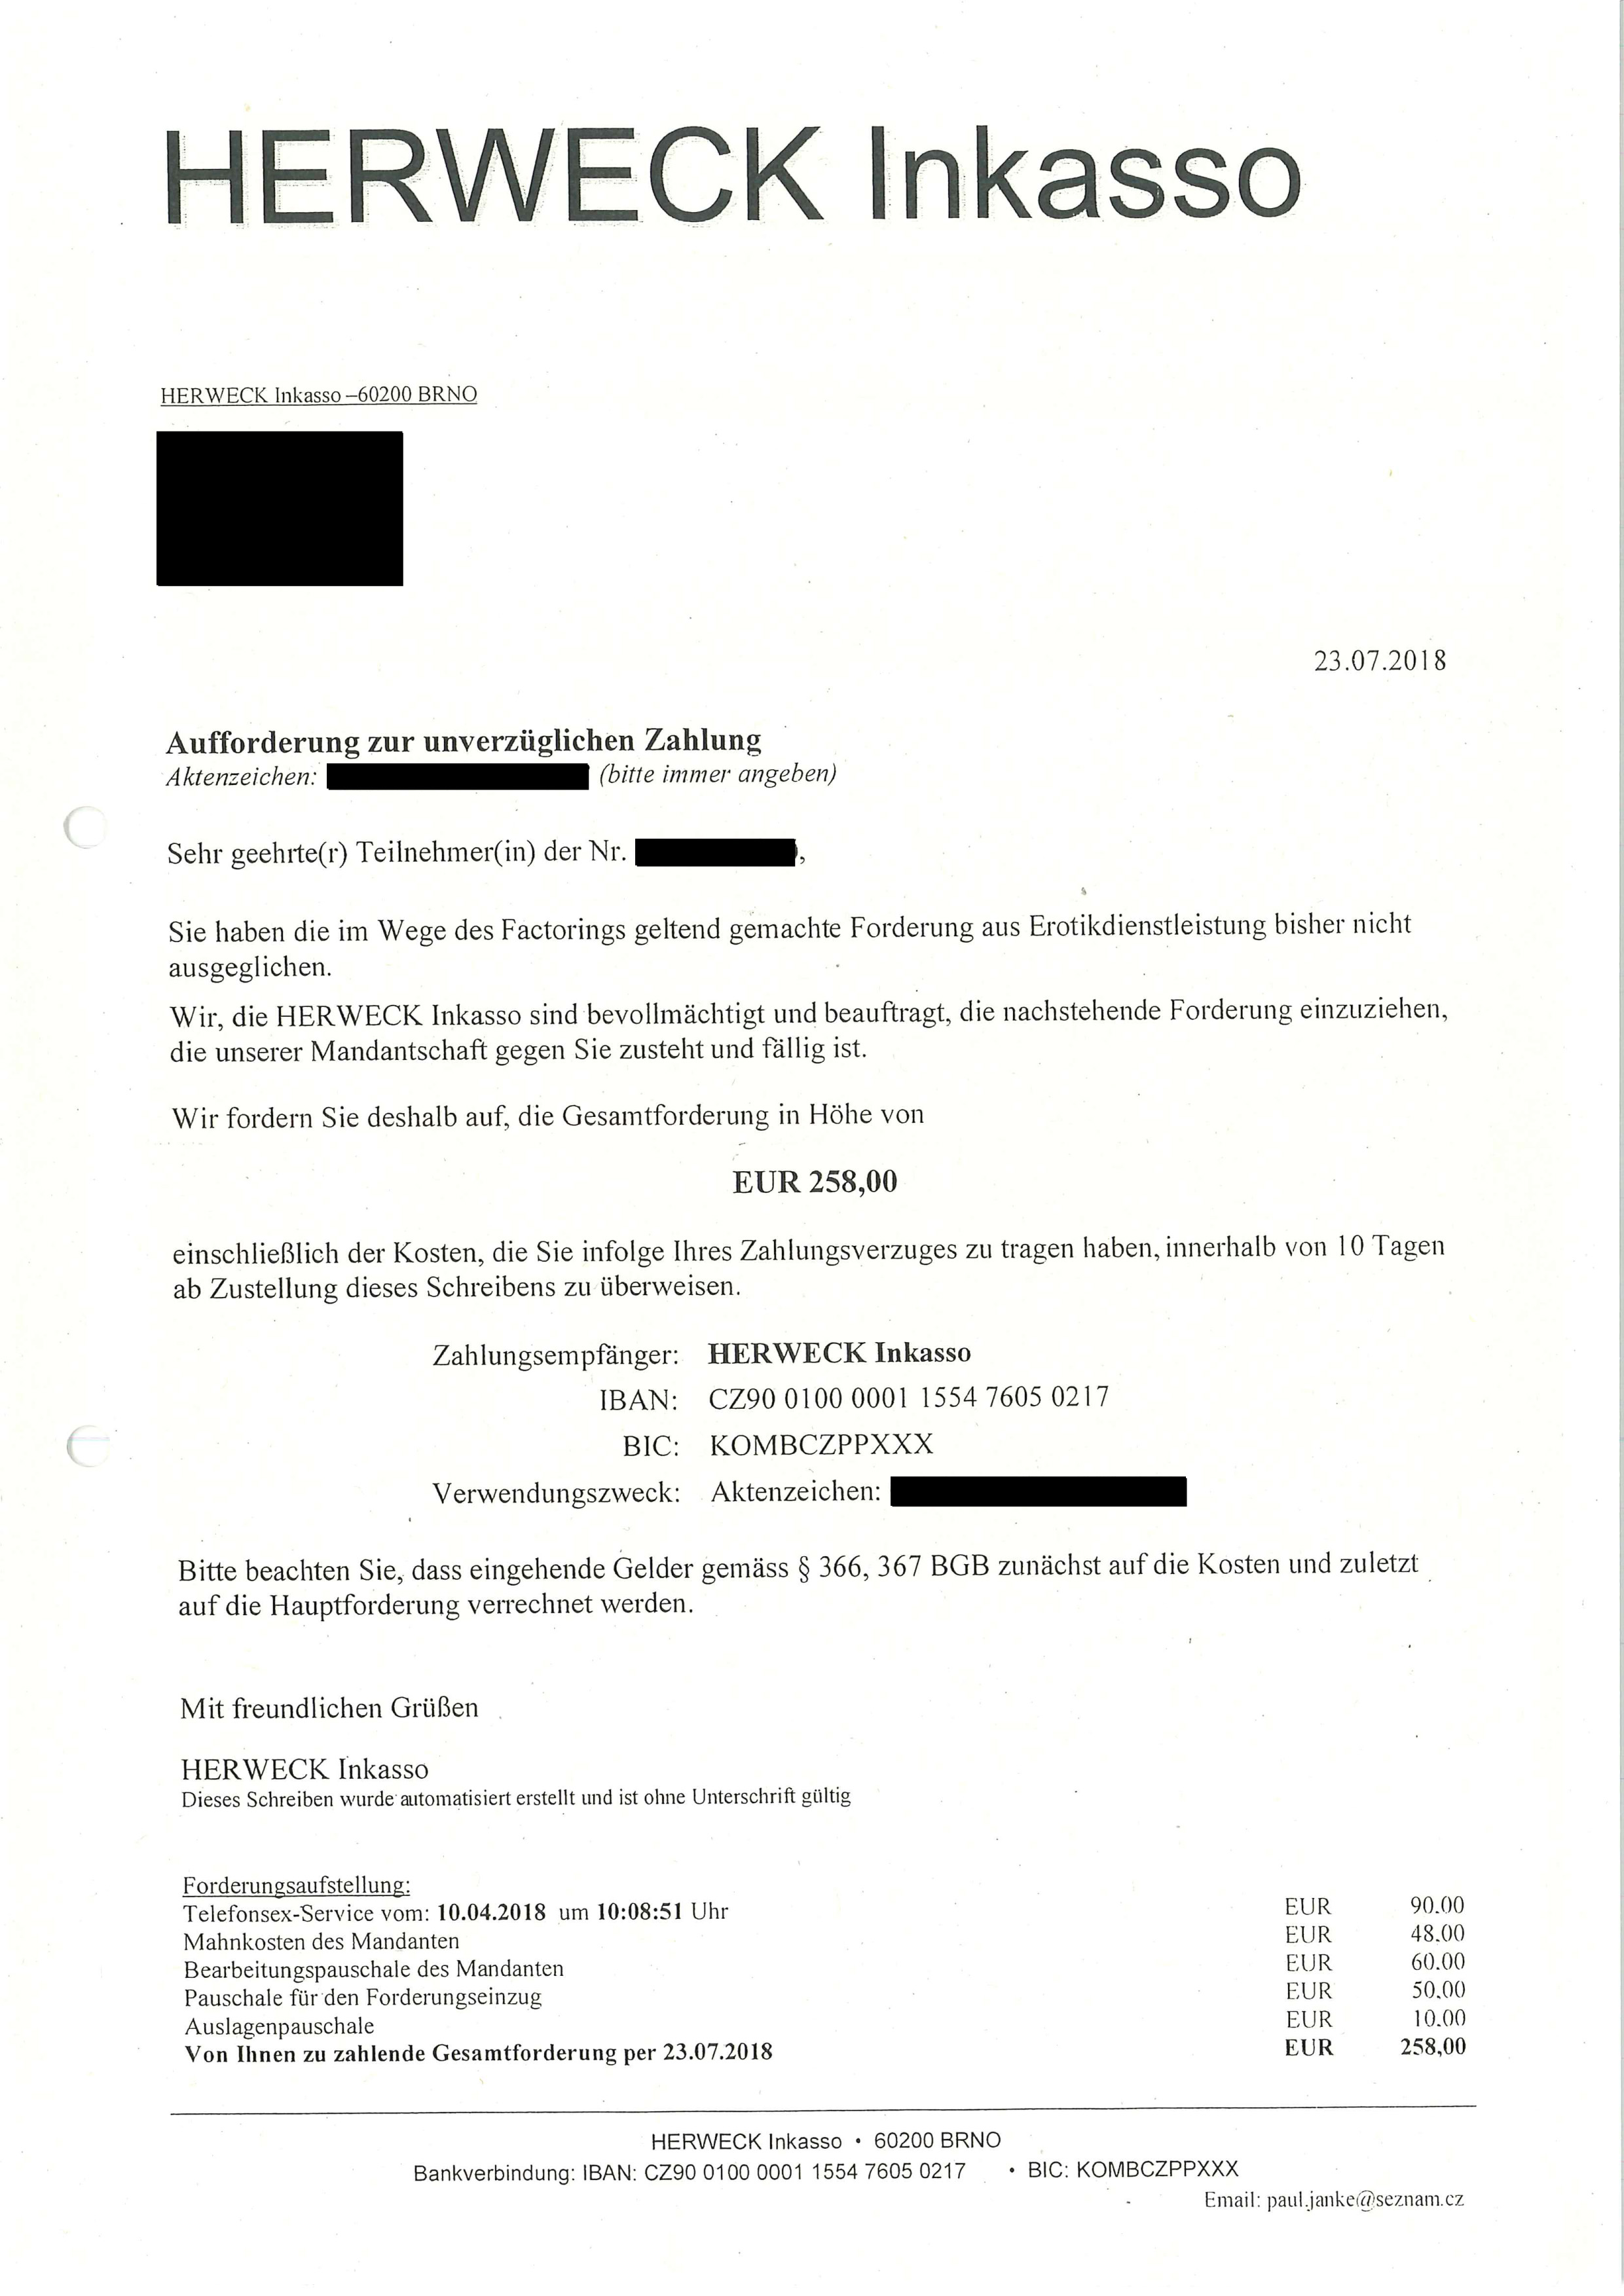 Zweifelhafte Inkassofirmen Aus Tschechien Verschicken Rechnungen